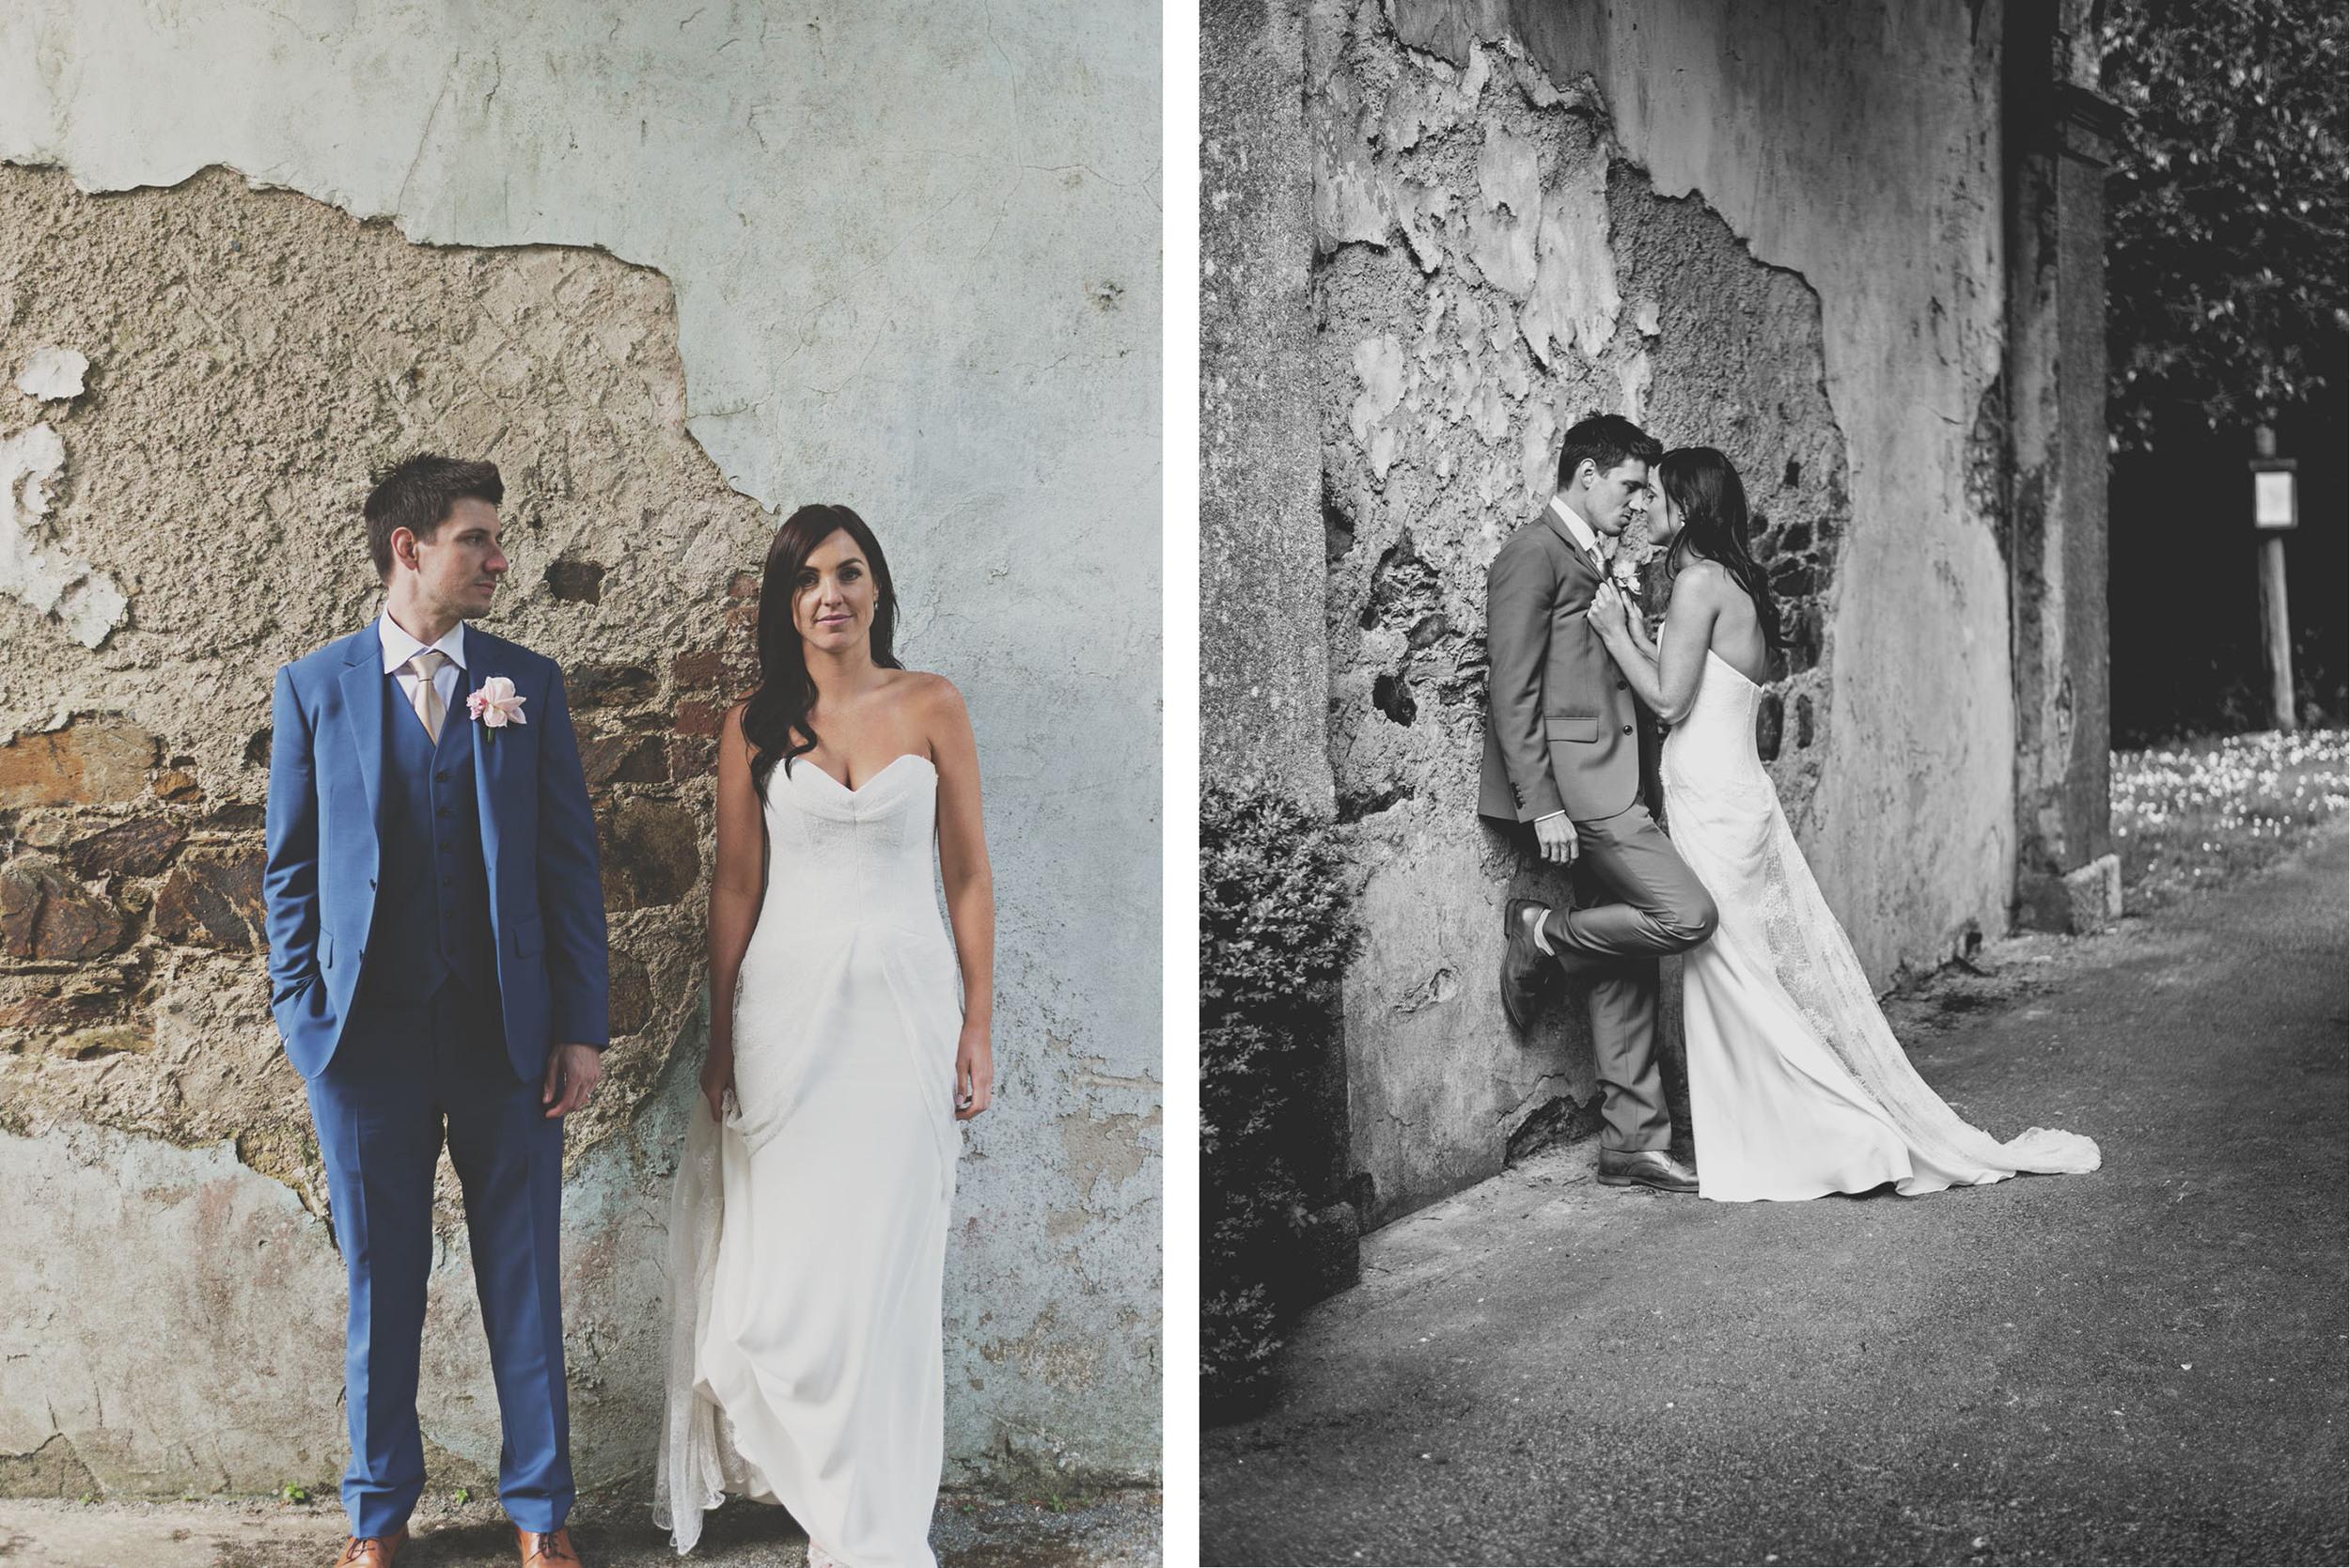 Julie & Matt's Seafield Wedding by Studio33weddings 087.jpg